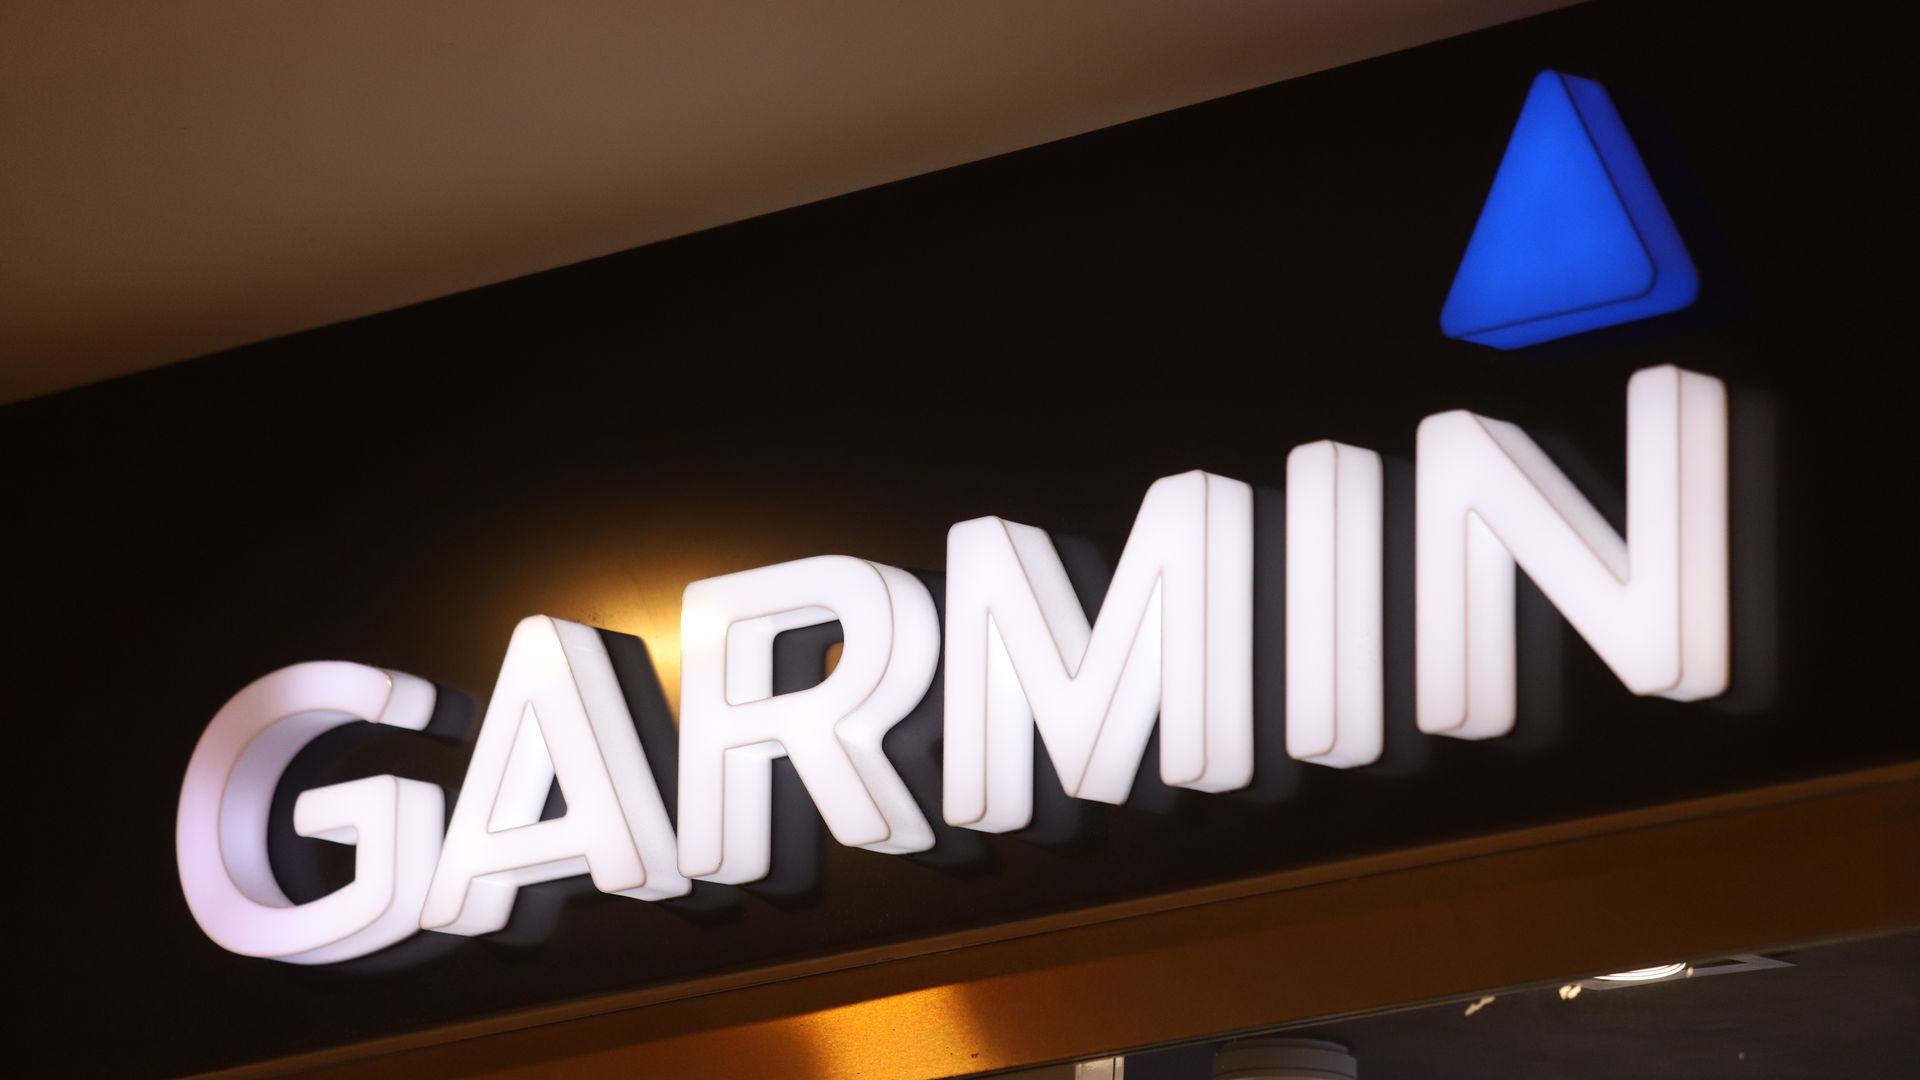 Garmin Suffers Ransomware Attack